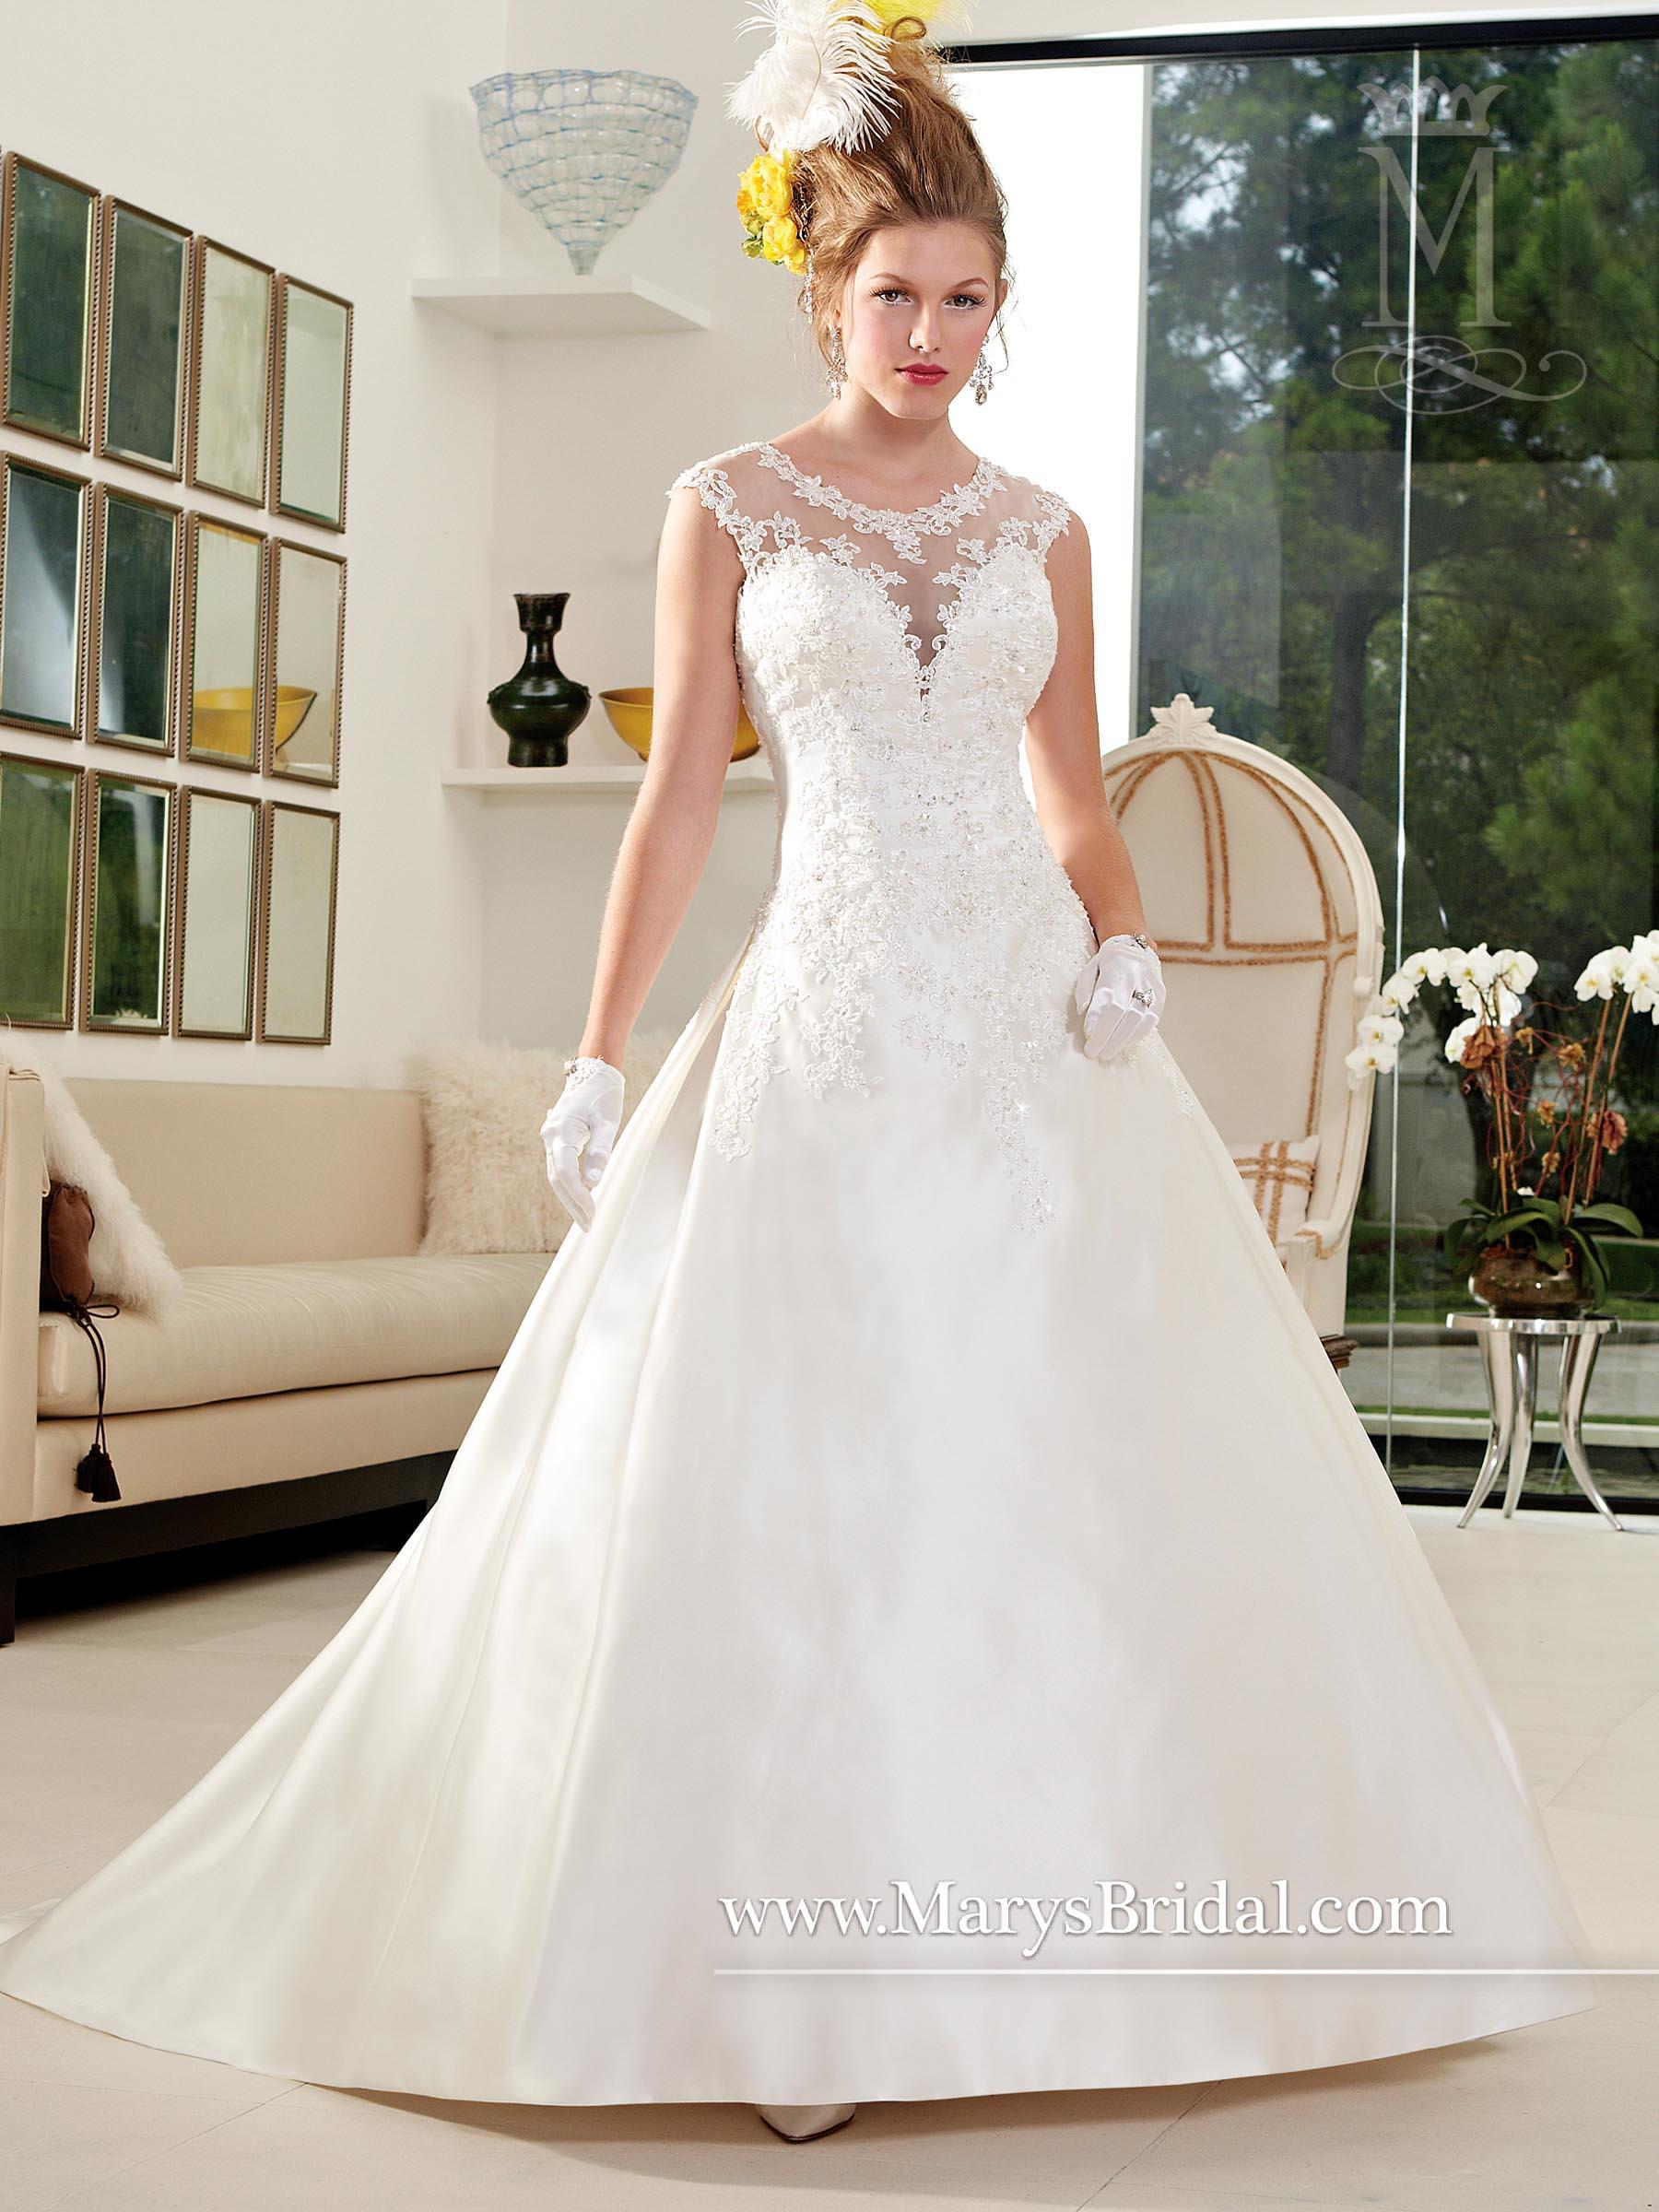 Bridal Gowns - Unspoken Romance